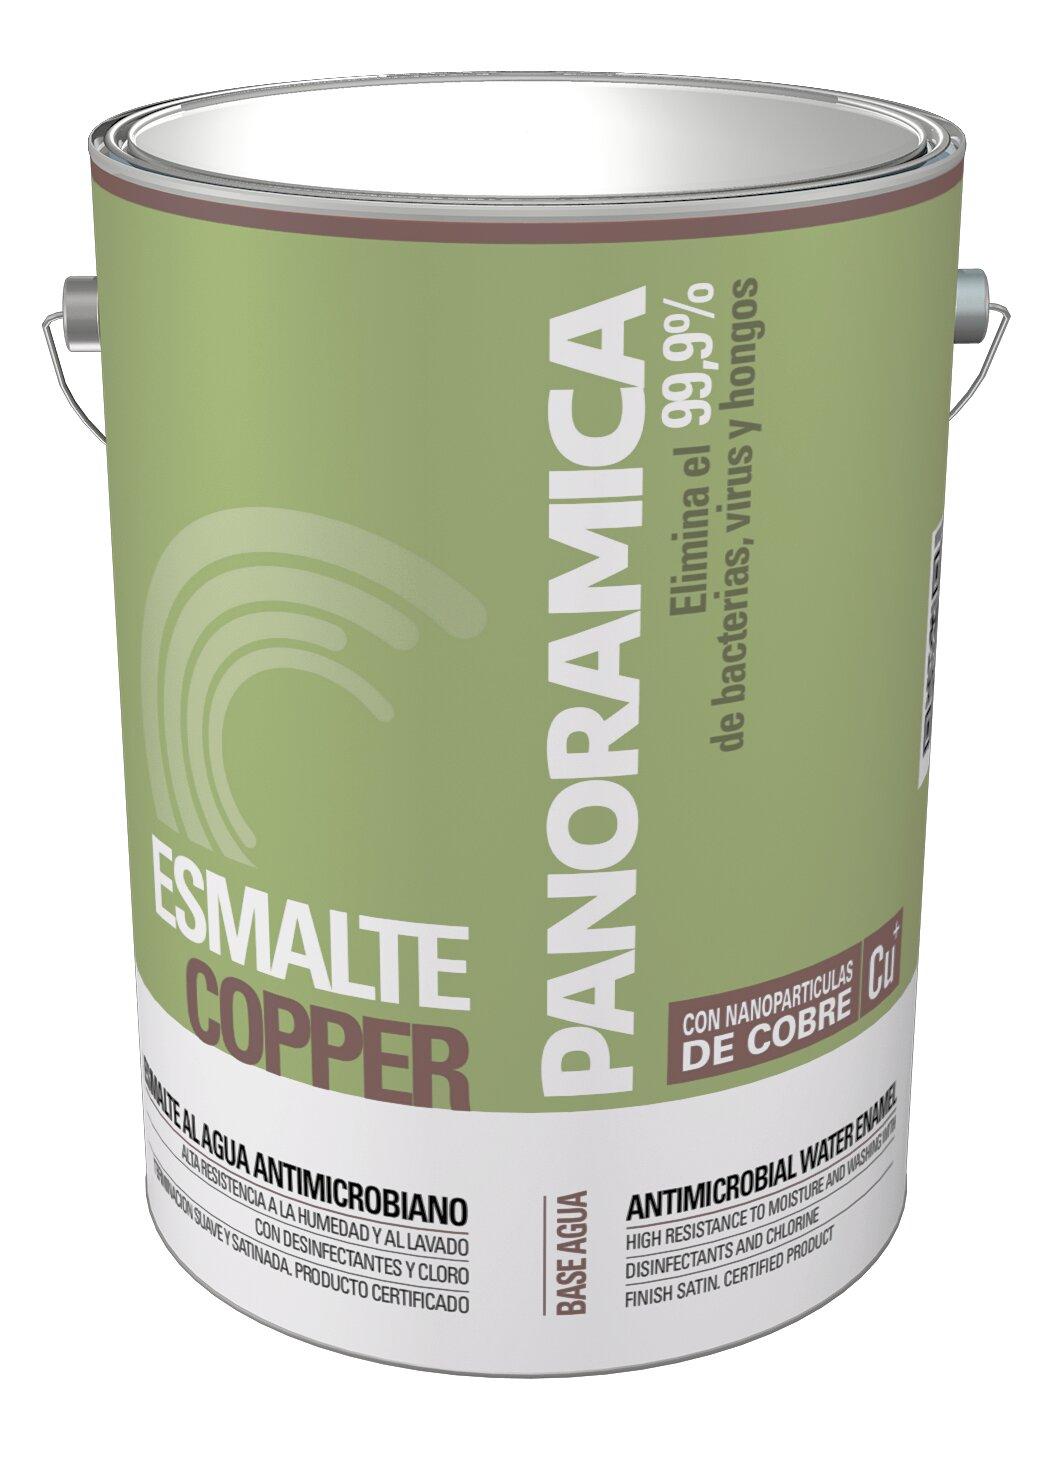 Esmalte al agua decorativo copper